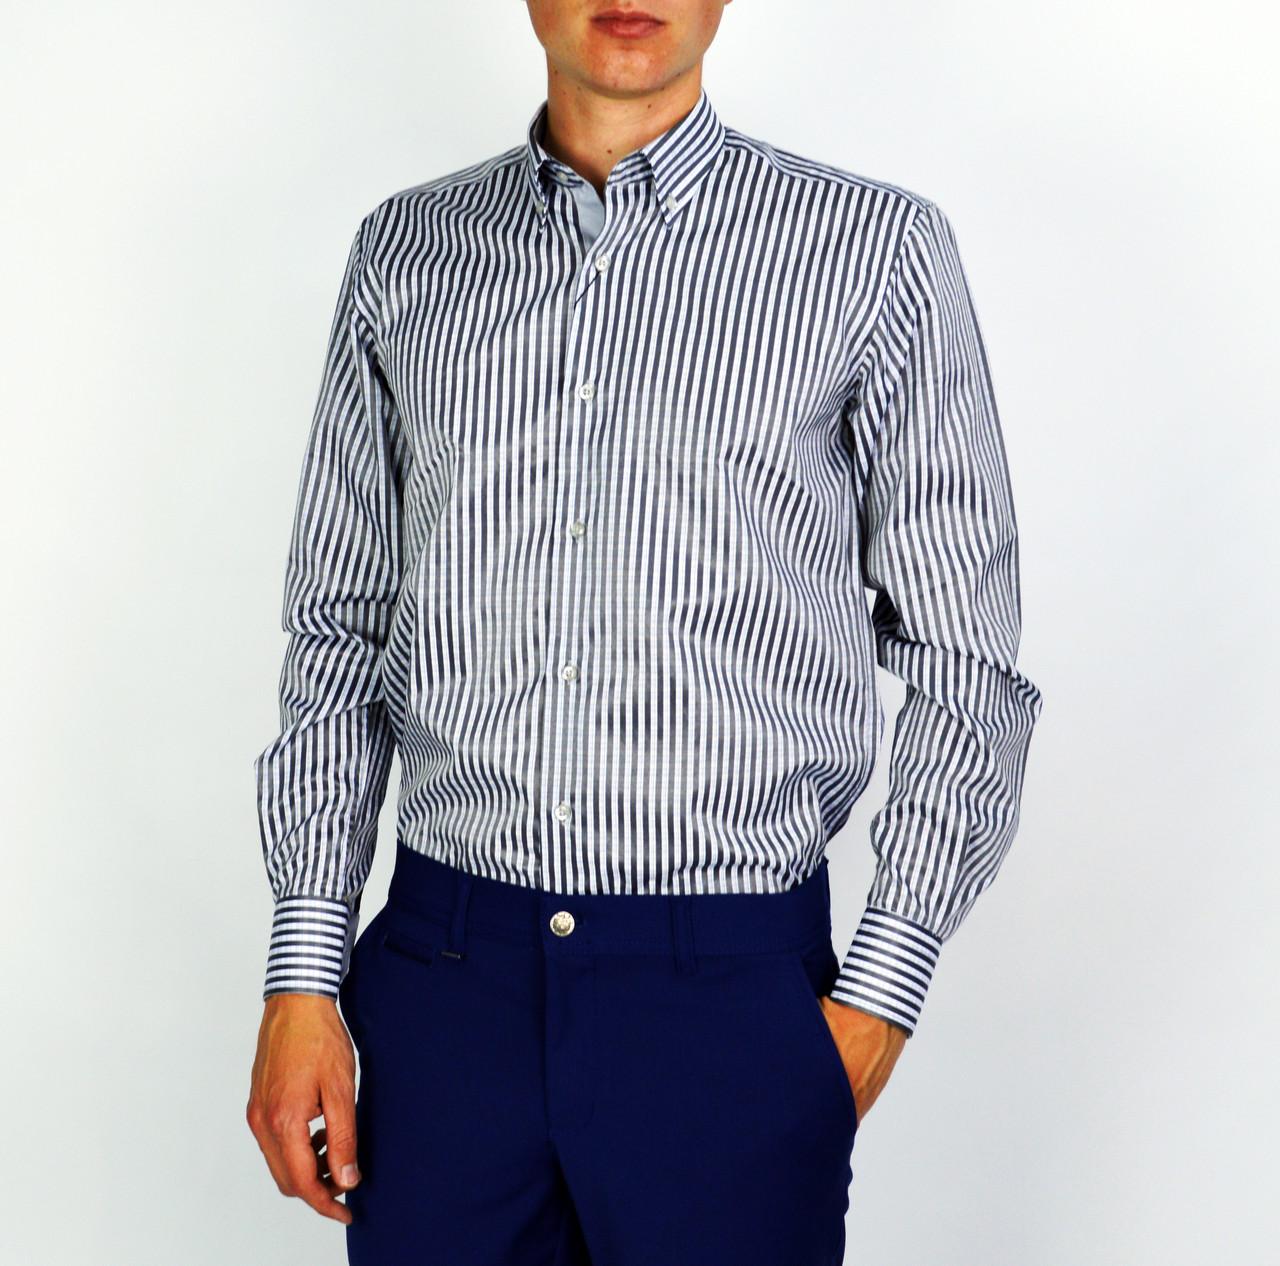 Серо-синяя полосатая мужская рубашка классическая PALMEN